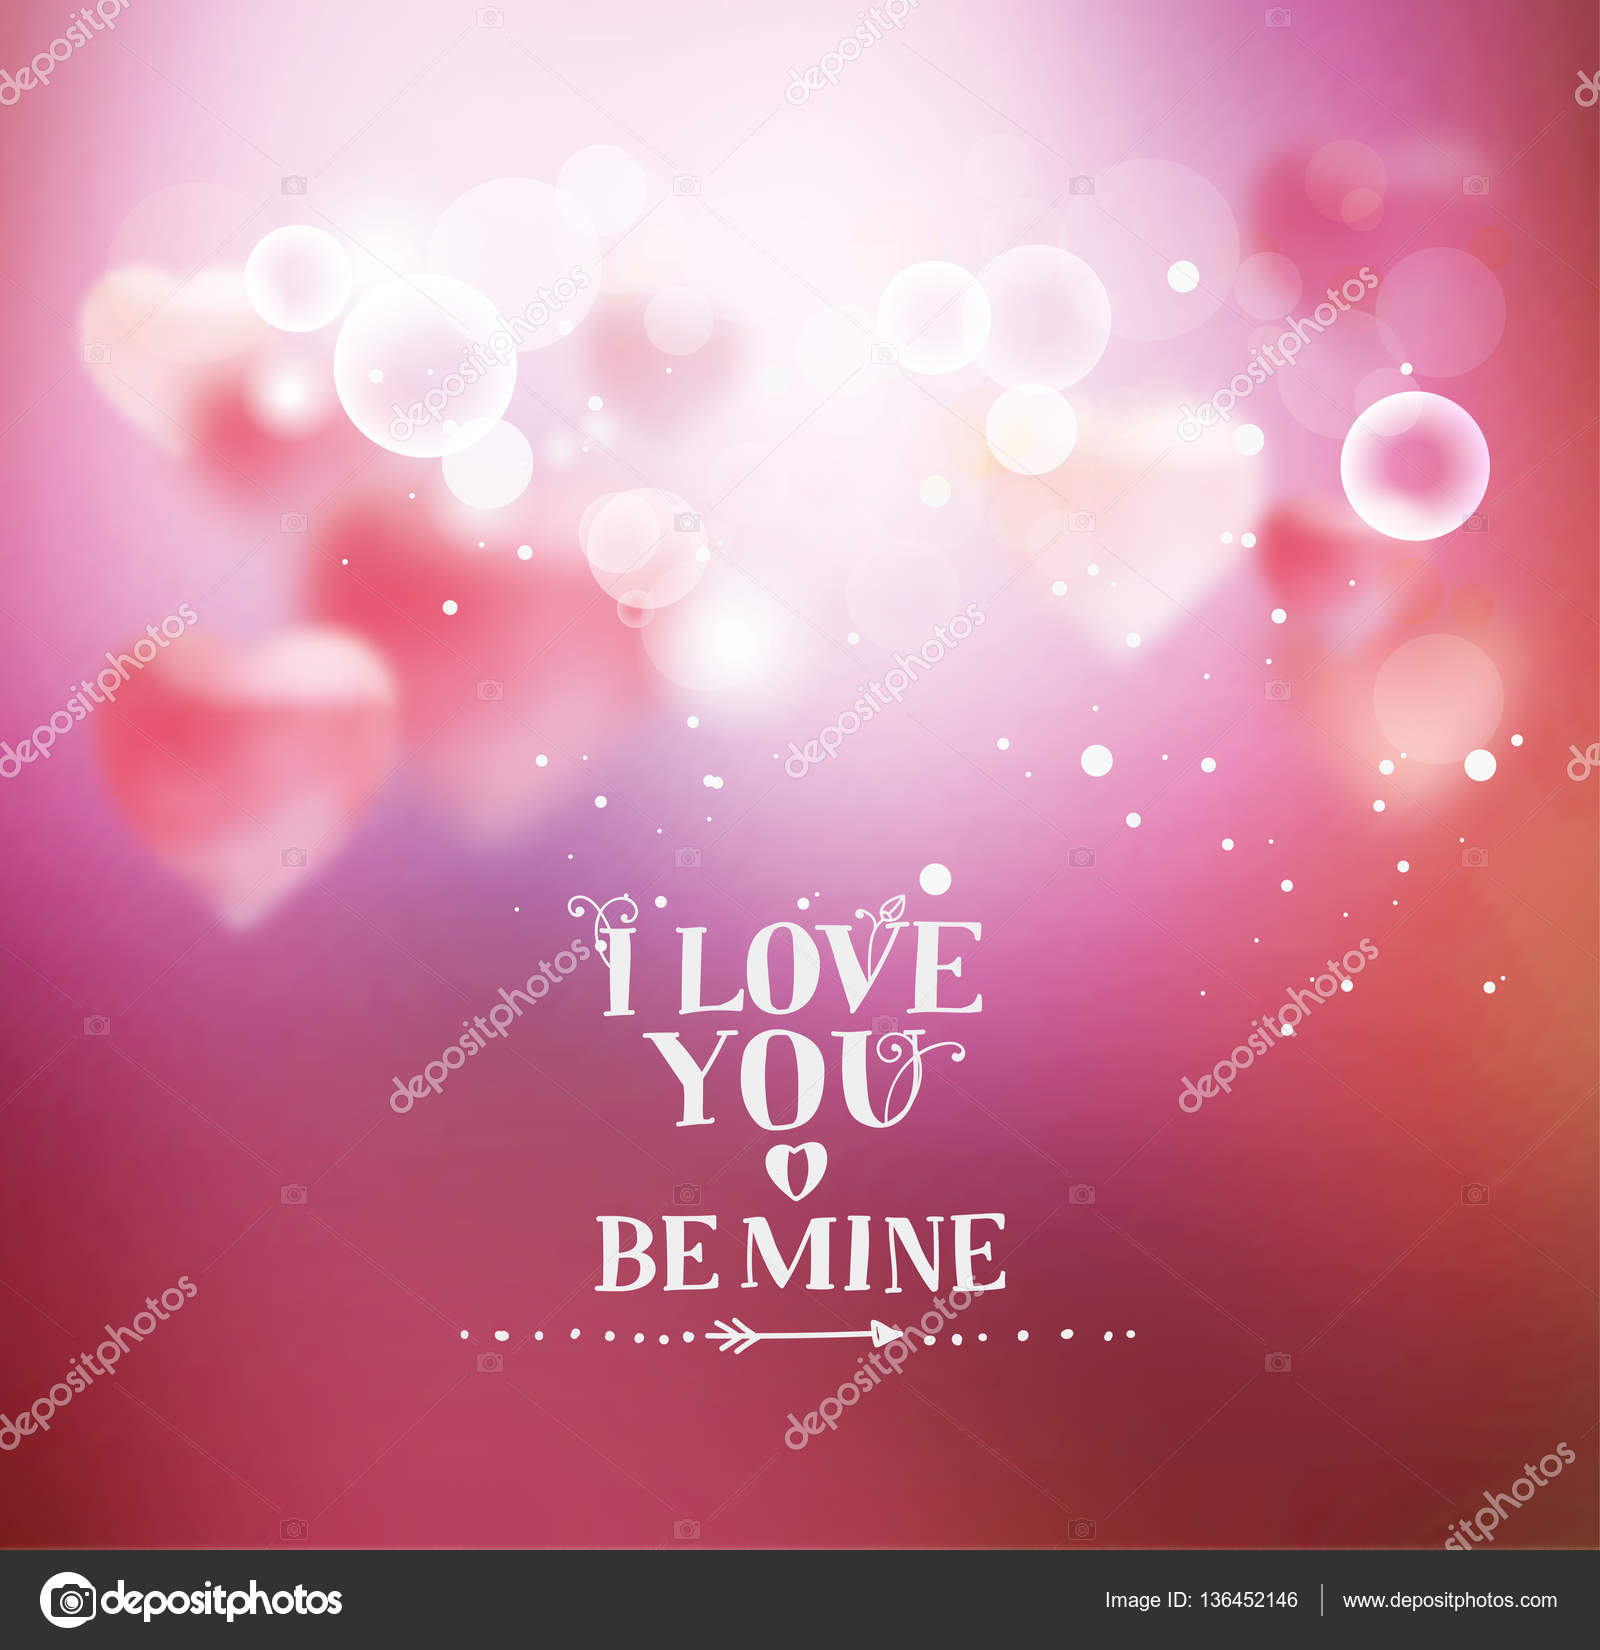 I love you calligraphic font hand drawing pink boke achtergrond met hart voor valentijnsdag sjabloon voor wenskaarten verklaring van de liefde belettering i love you kalligrafische lettertype voltagebd Choice Image